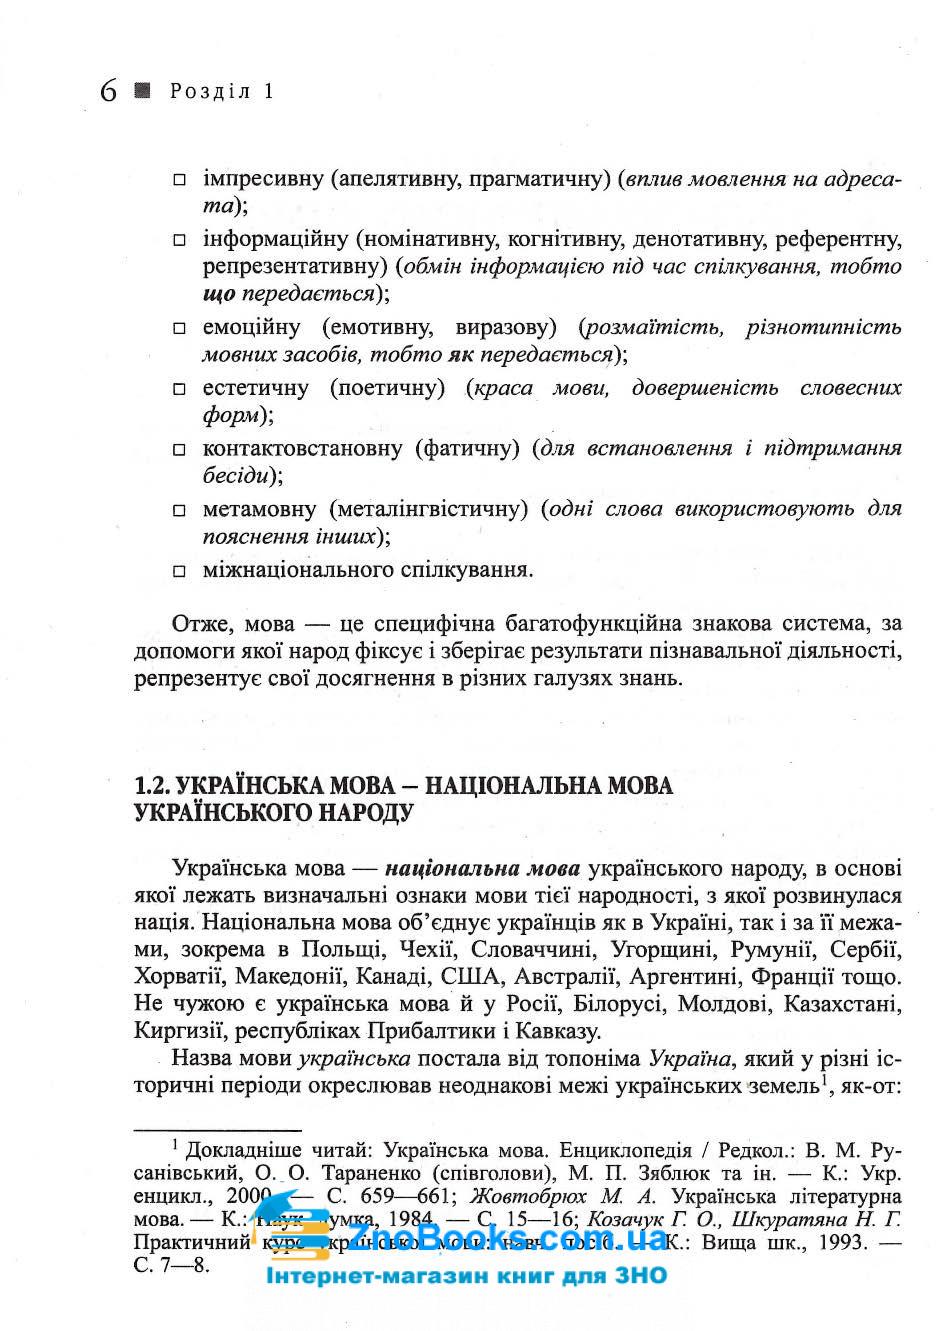 Українська мова. Довідник для абітурієнтів та школярів : Дияк О. Літера. купити 6